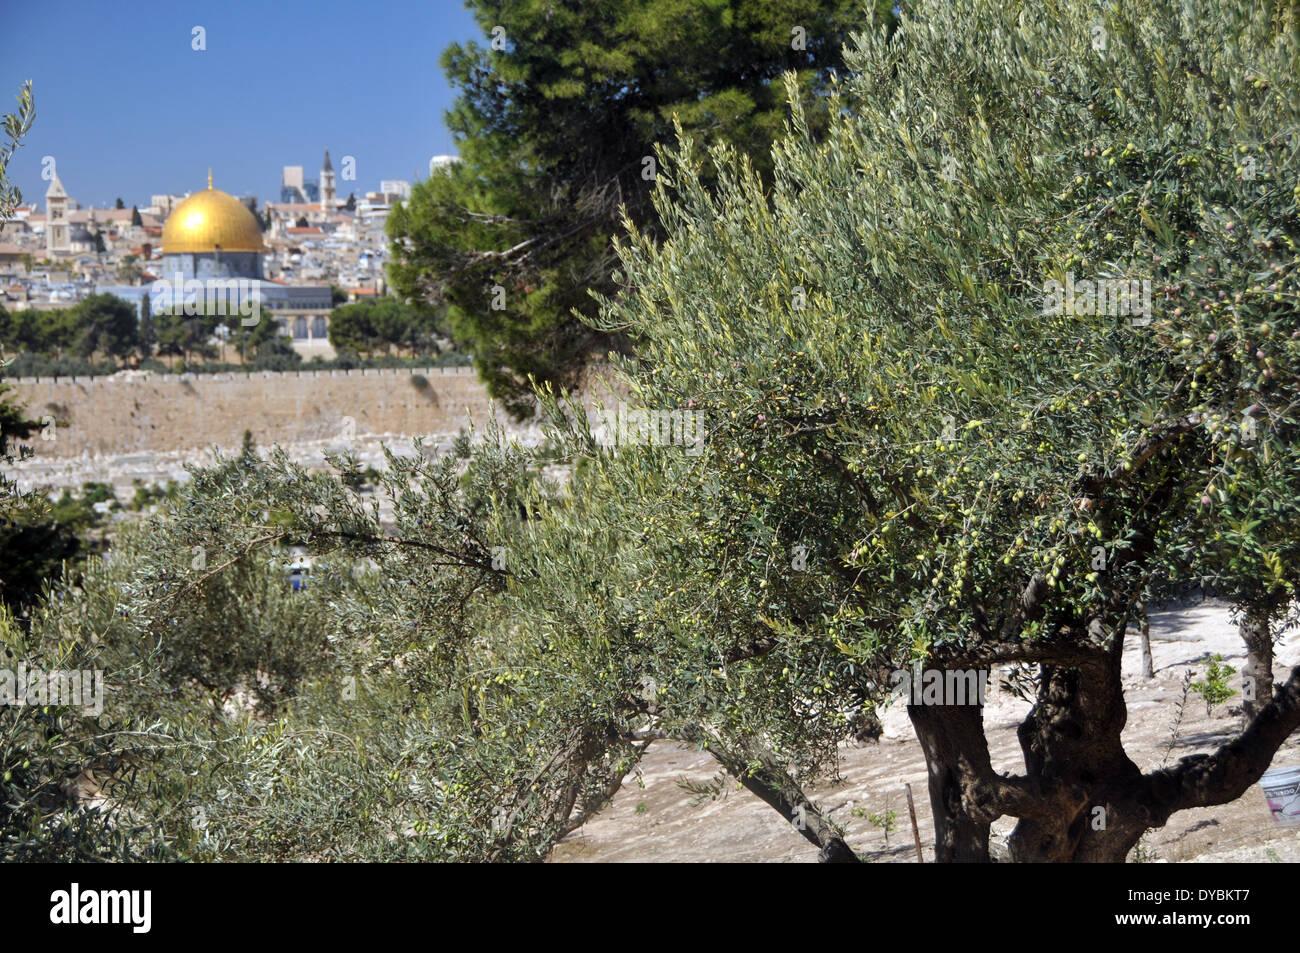 Olivier, Olea europaea, et vue sur la vieille ville de Jérusalem, y compris le Dôme du Rocher mosquée, Jérusalem, Israël Banque D'Images